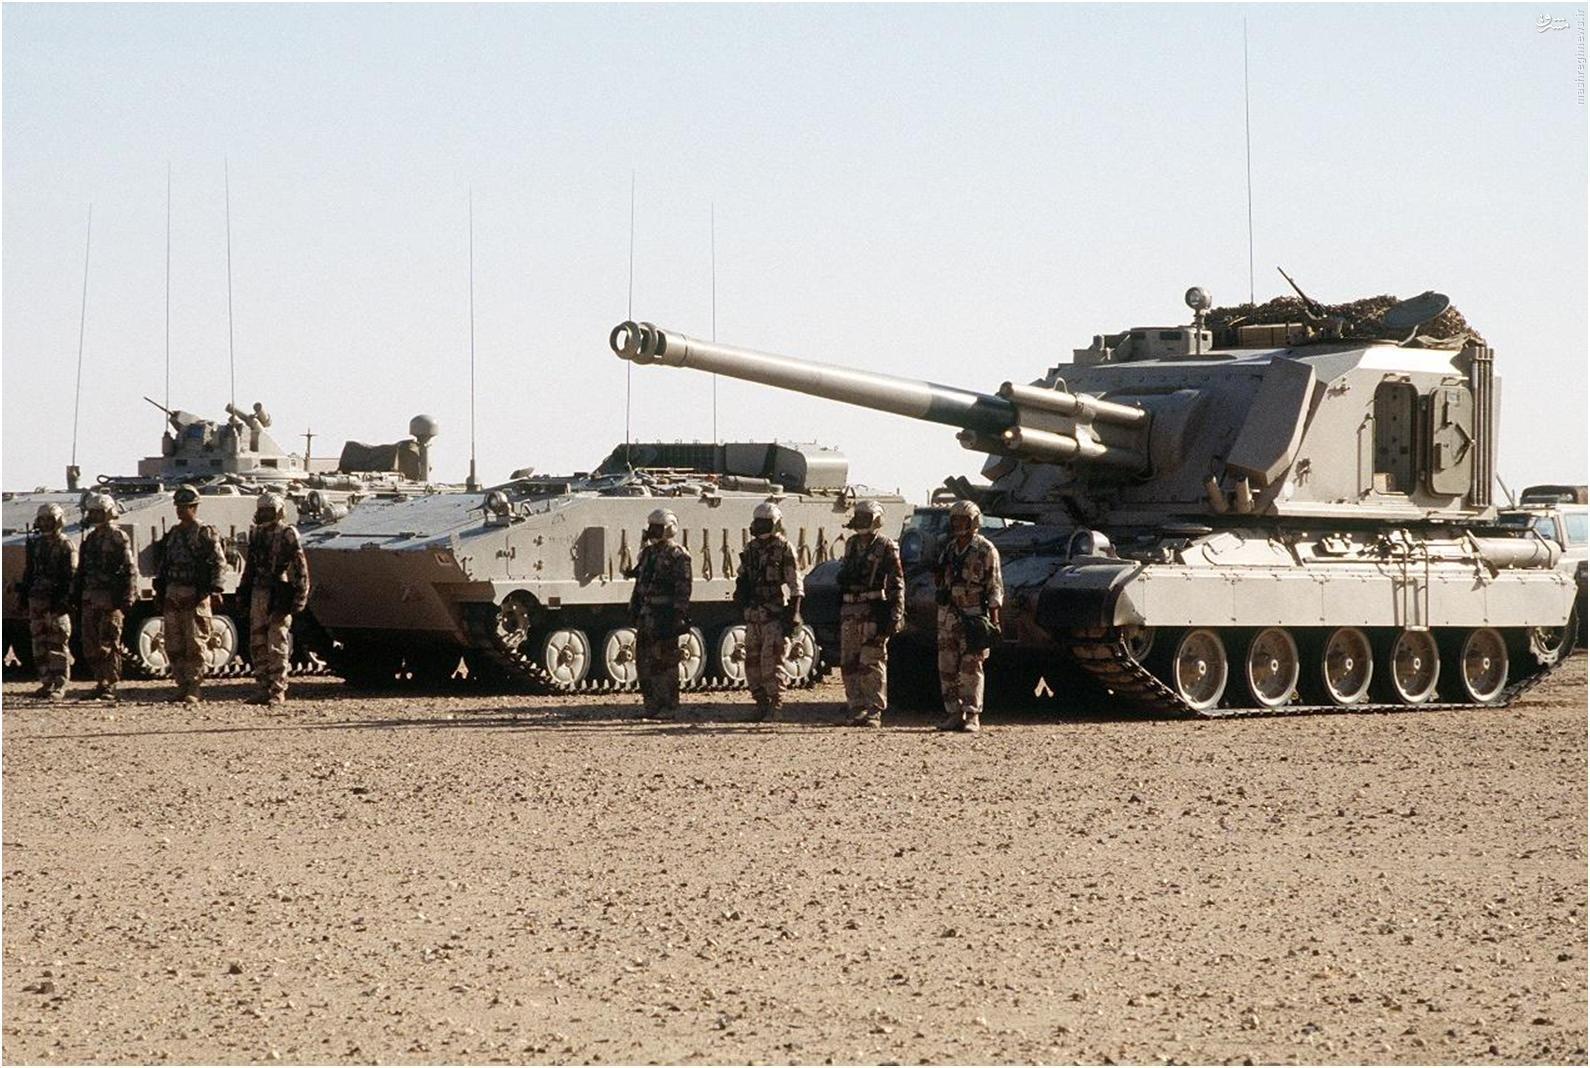 آمریکا چگونه از جنگ های اعراب استفاده می کند؟ حقایقی ناگفته درباره قراردادهای تسلیحاتی اخیر خاورمیانه